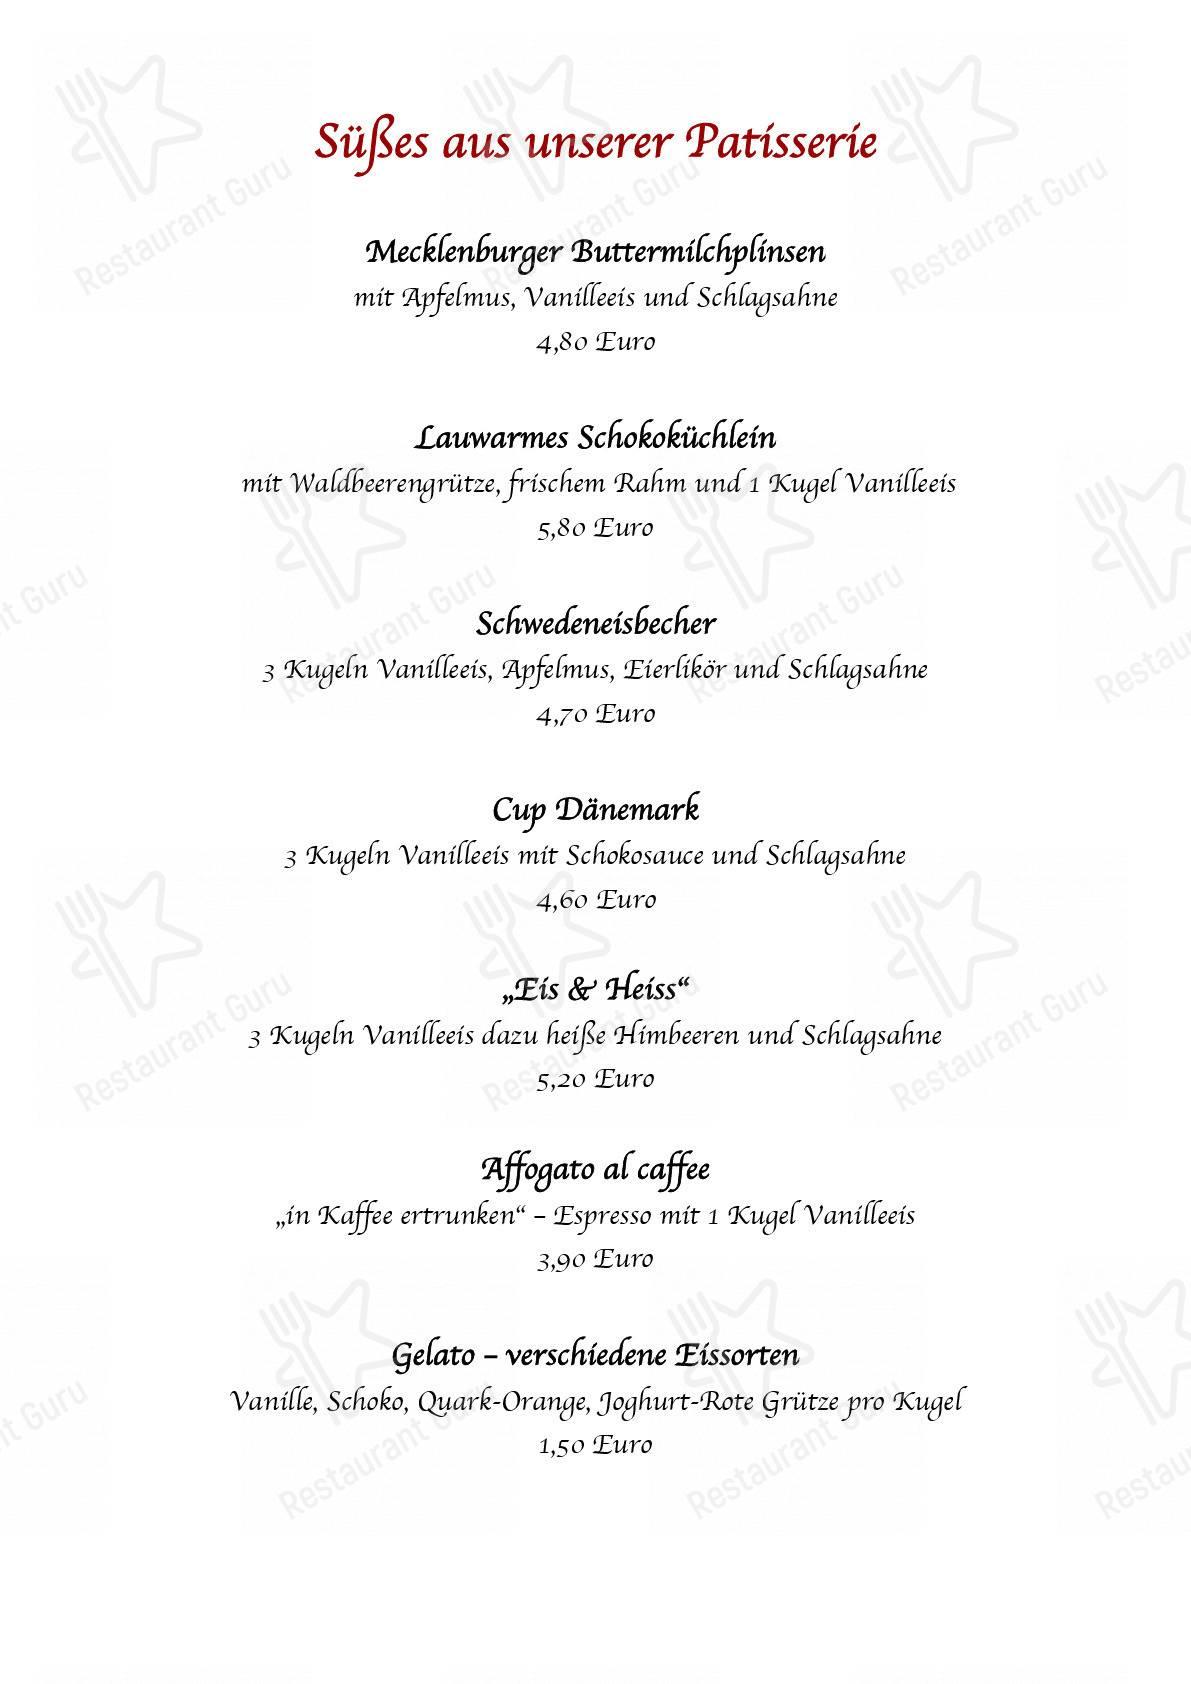 Speisekarte von Tarnewitzer Hof